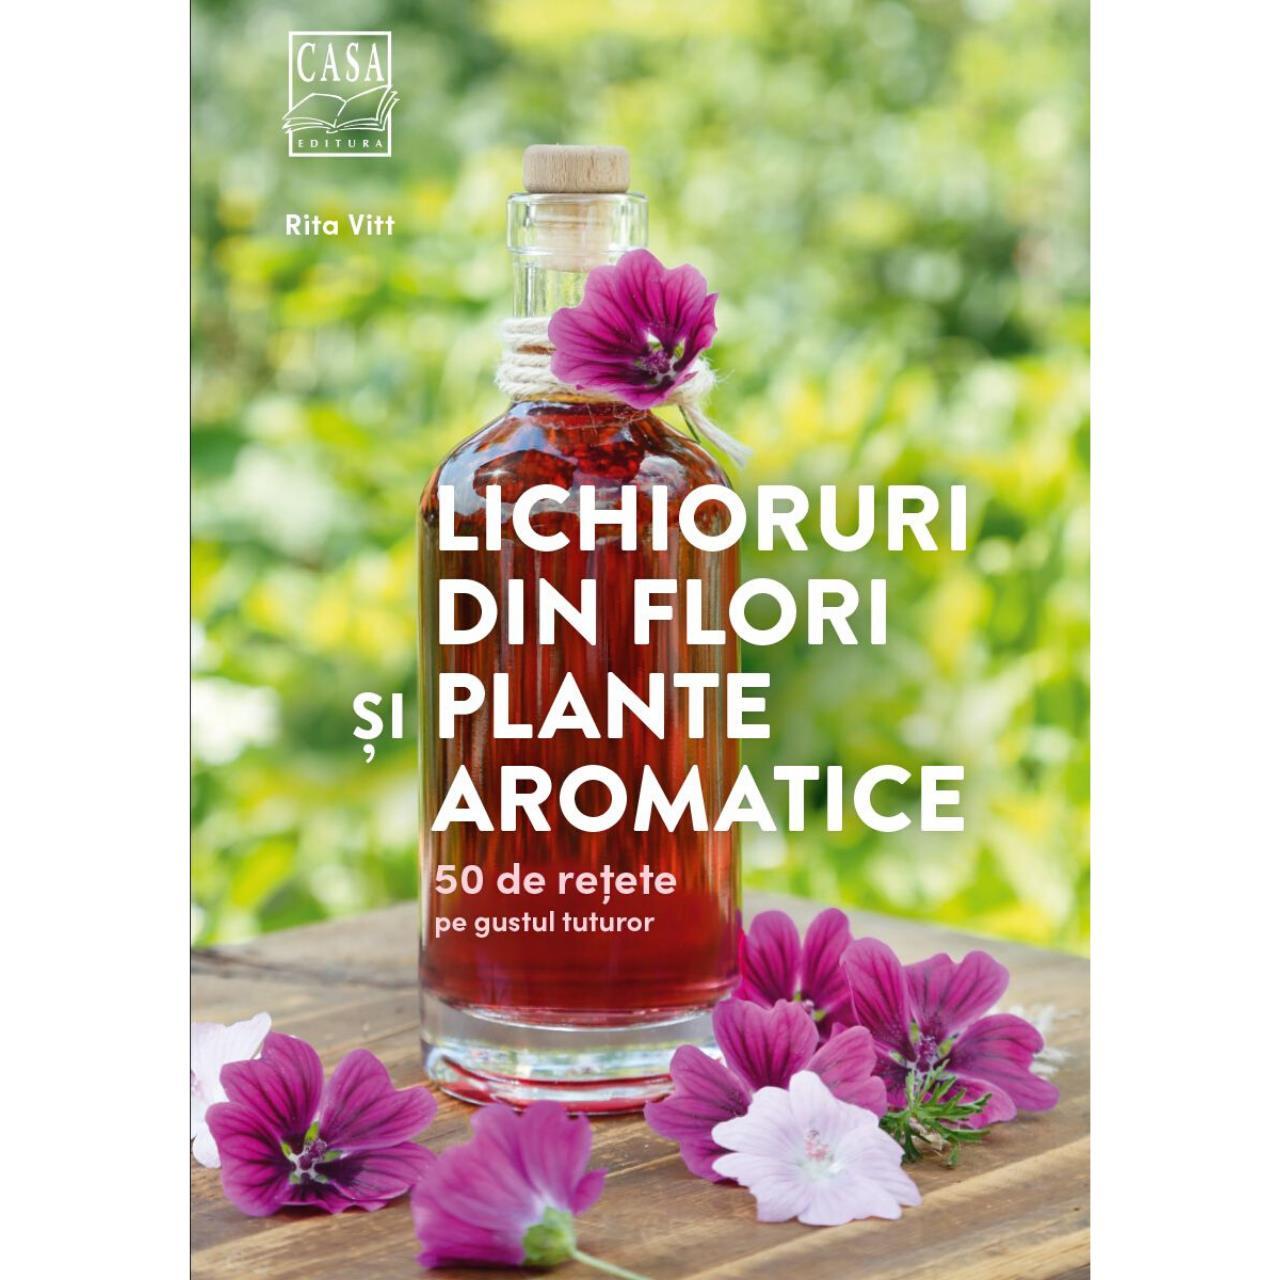 Lichioruri din flori și plante aromatice - 50 de rețete pe gustul tuturor imagine edituracasa.ro